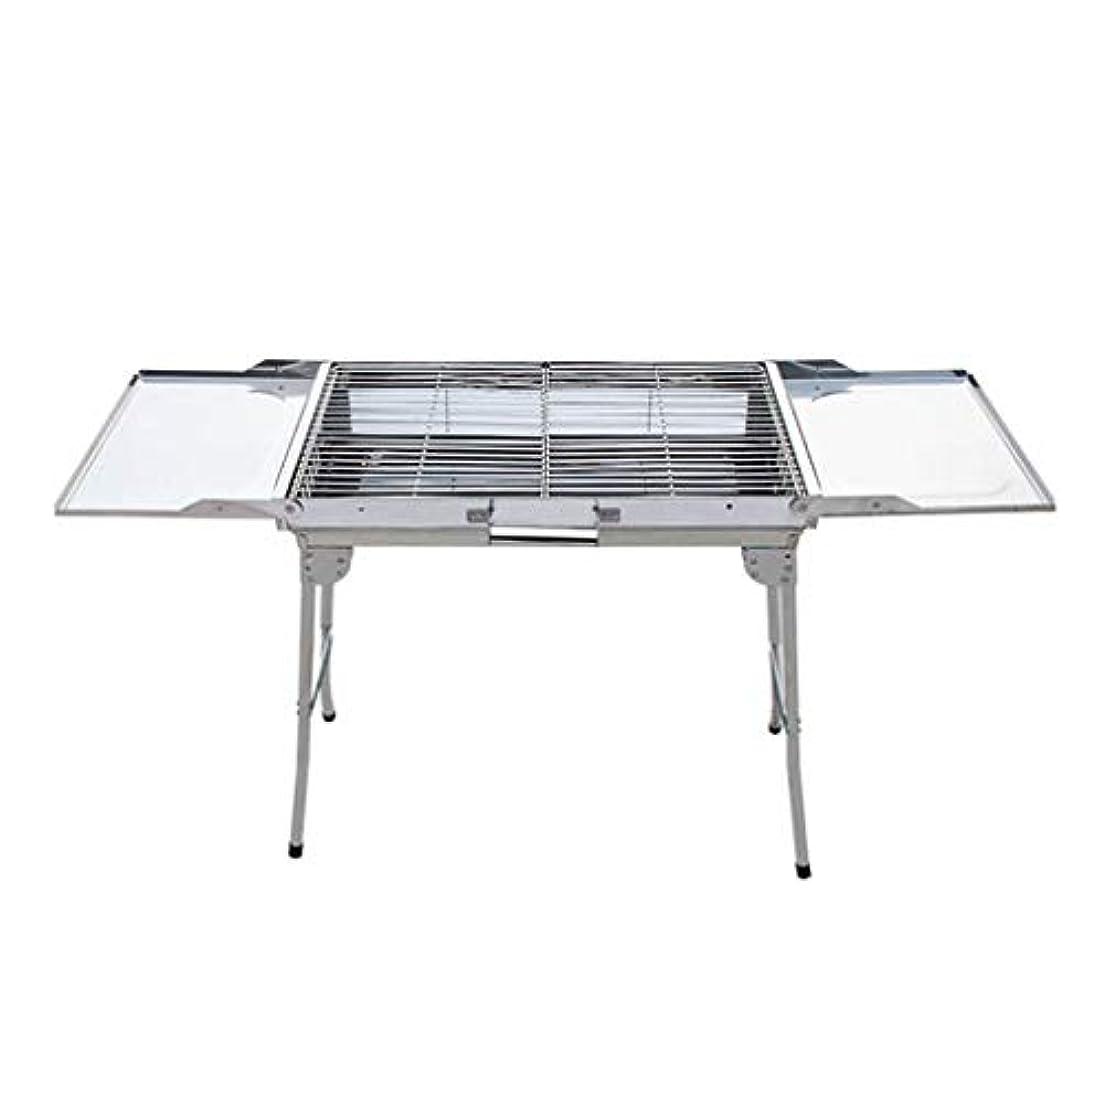 踏みつけ動脈チャンピオンシップSN バーベキューコンロ ステンレス, 軽量 焼肉 BBQ 網 炭火 鉄板 バーベキューコンロ 焚火台 コンパクト バーベキューアミサイズ 60.5X30.5cm